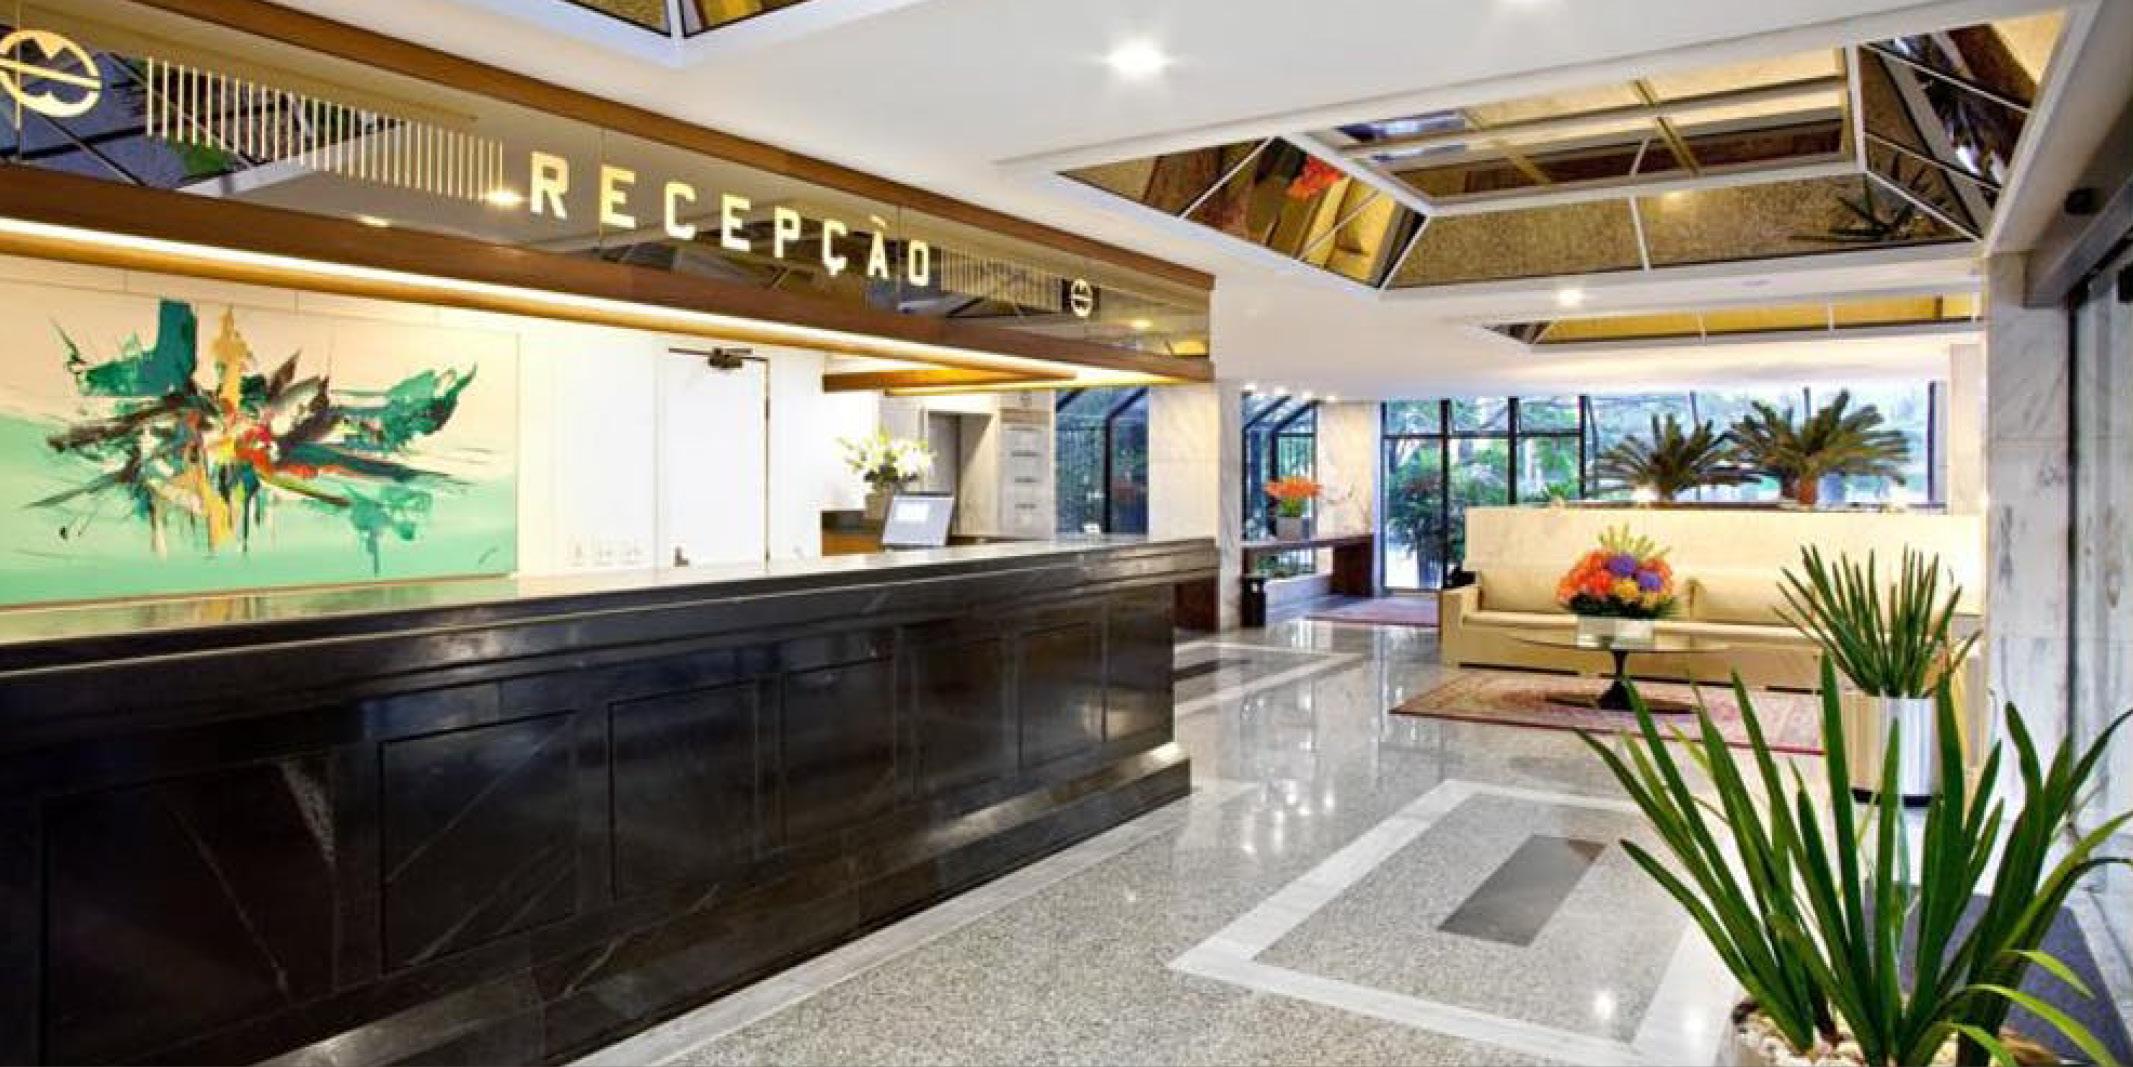 Boulevard Hotéis construye una nueva web para sus hoteles de la mano de la tecnología de SiteMinder